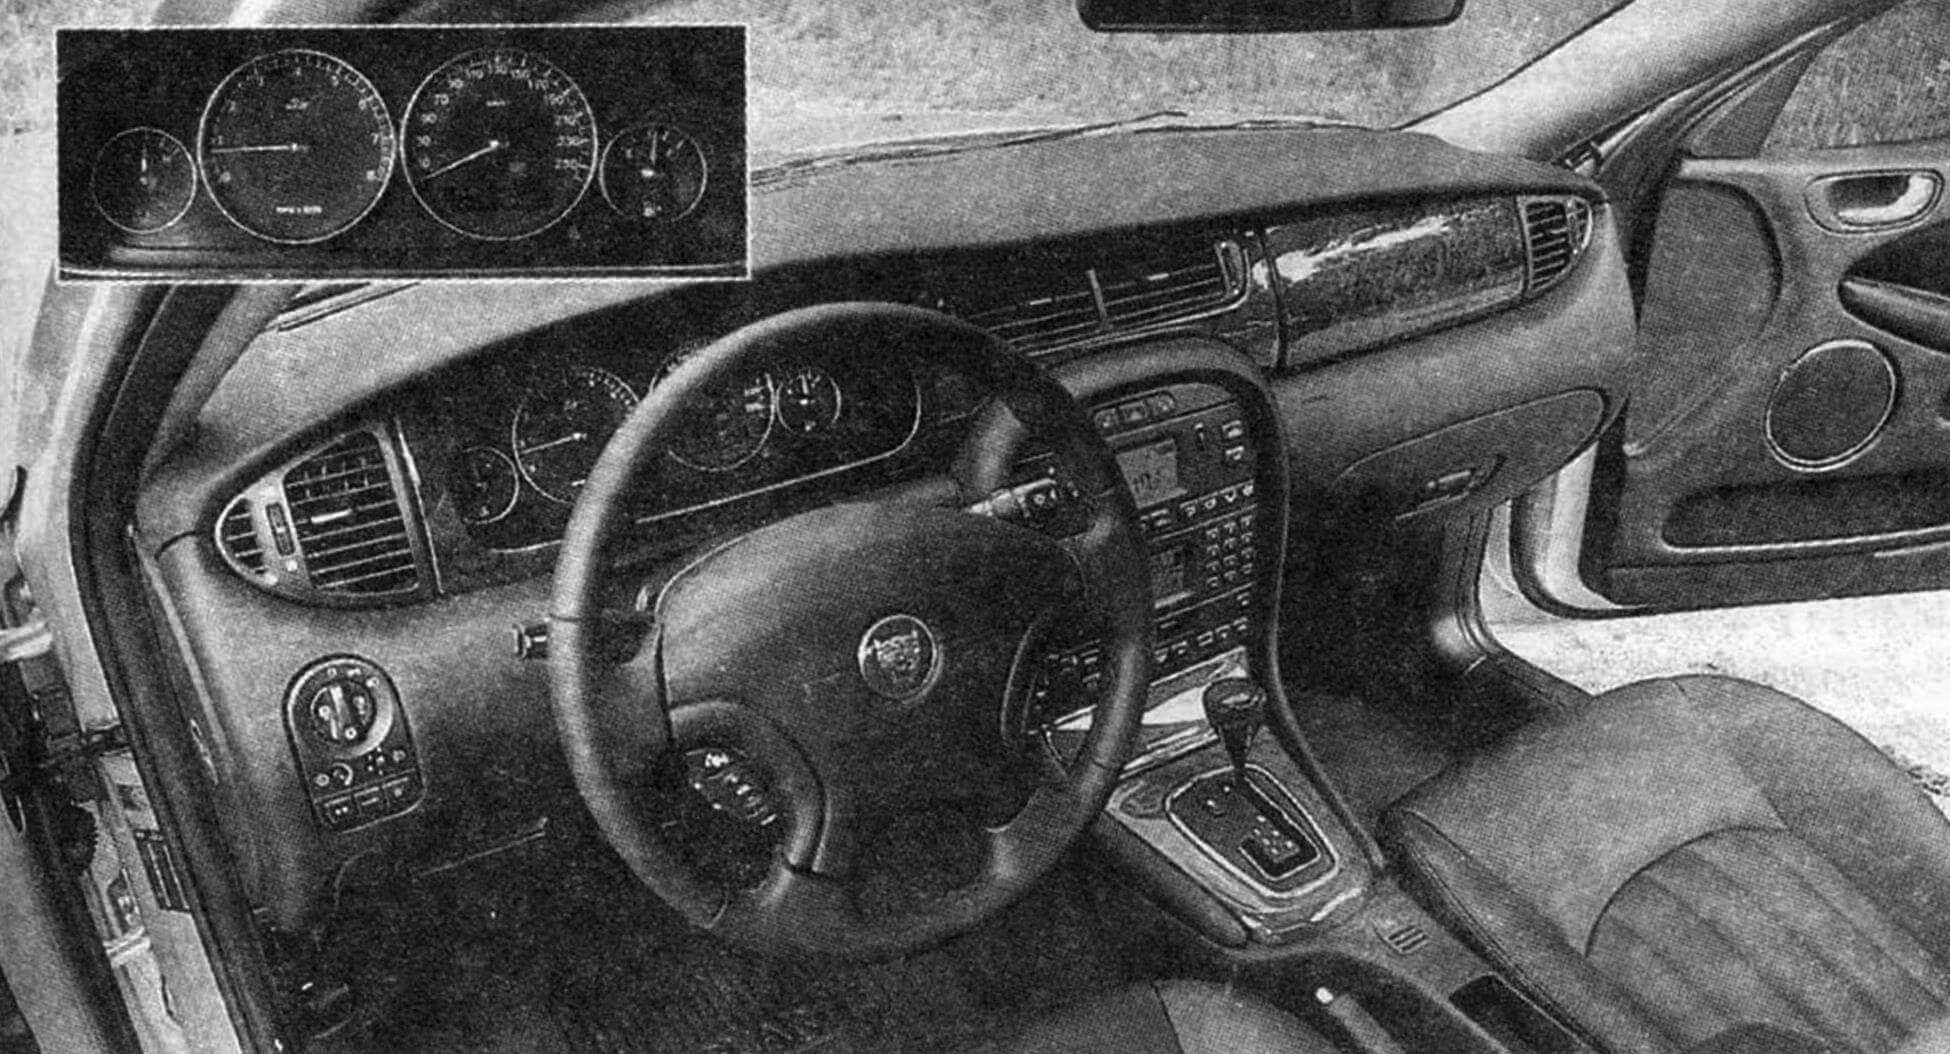 Интерьер рабочего места водителя (вверху слева - приборная панель)